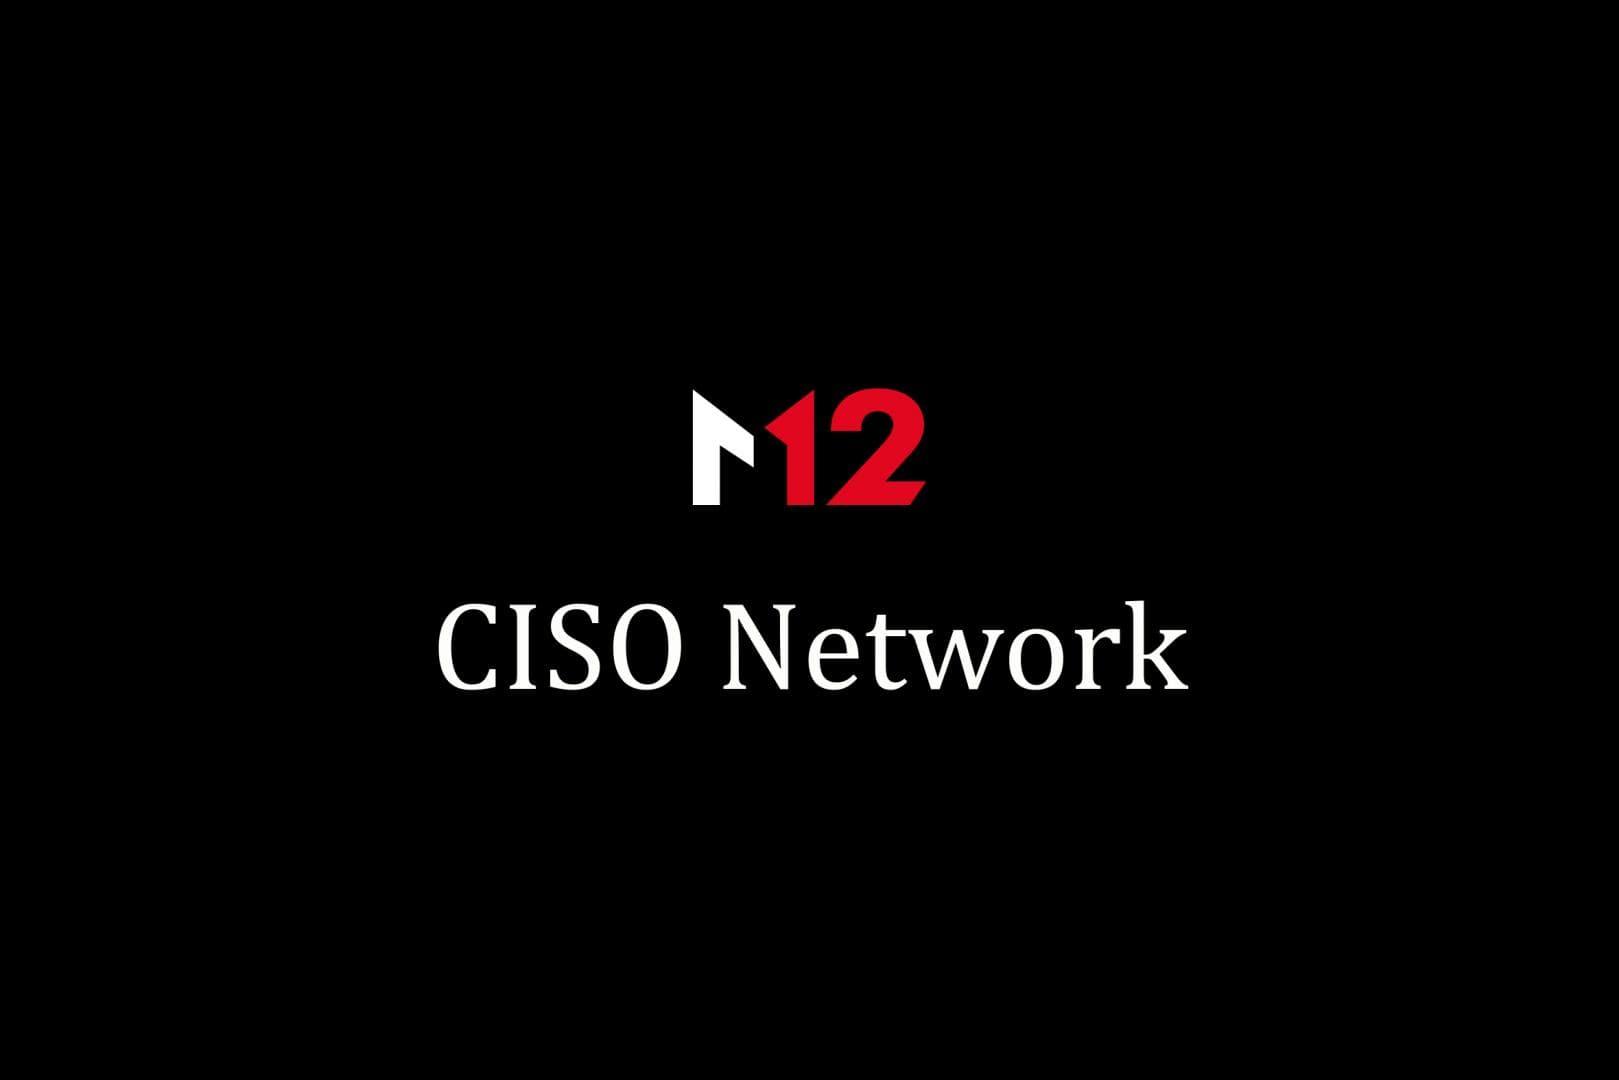 Microsoft M12 CISO Network